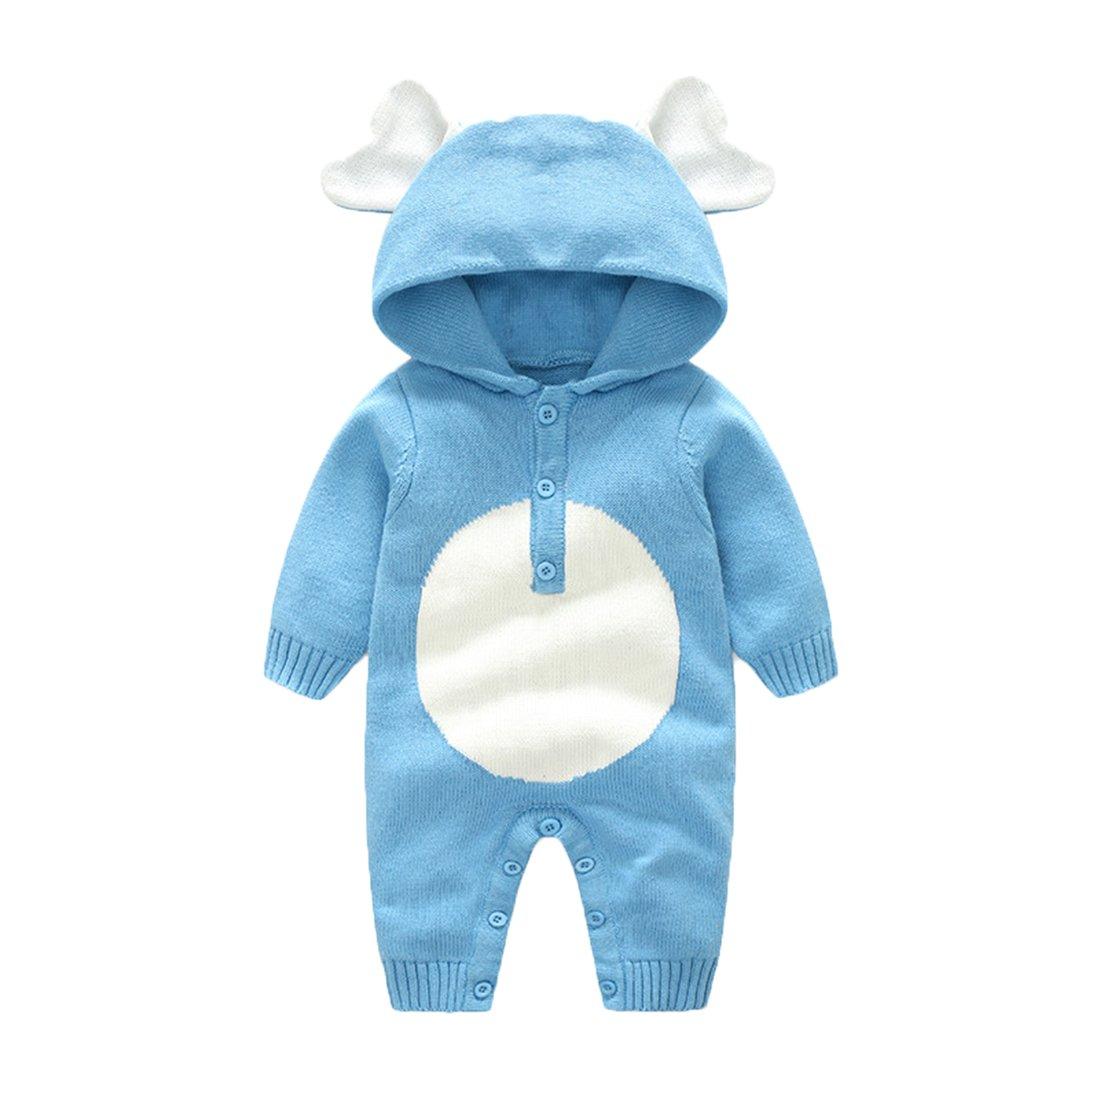 GWELL Baby Kleinkind Gestrickter Strampler Overall Jumpsuit aus Baumwolle Tieroutfit Tier Kostüm mit Kapuze für Jungen Mädchen 0-2 Jahre